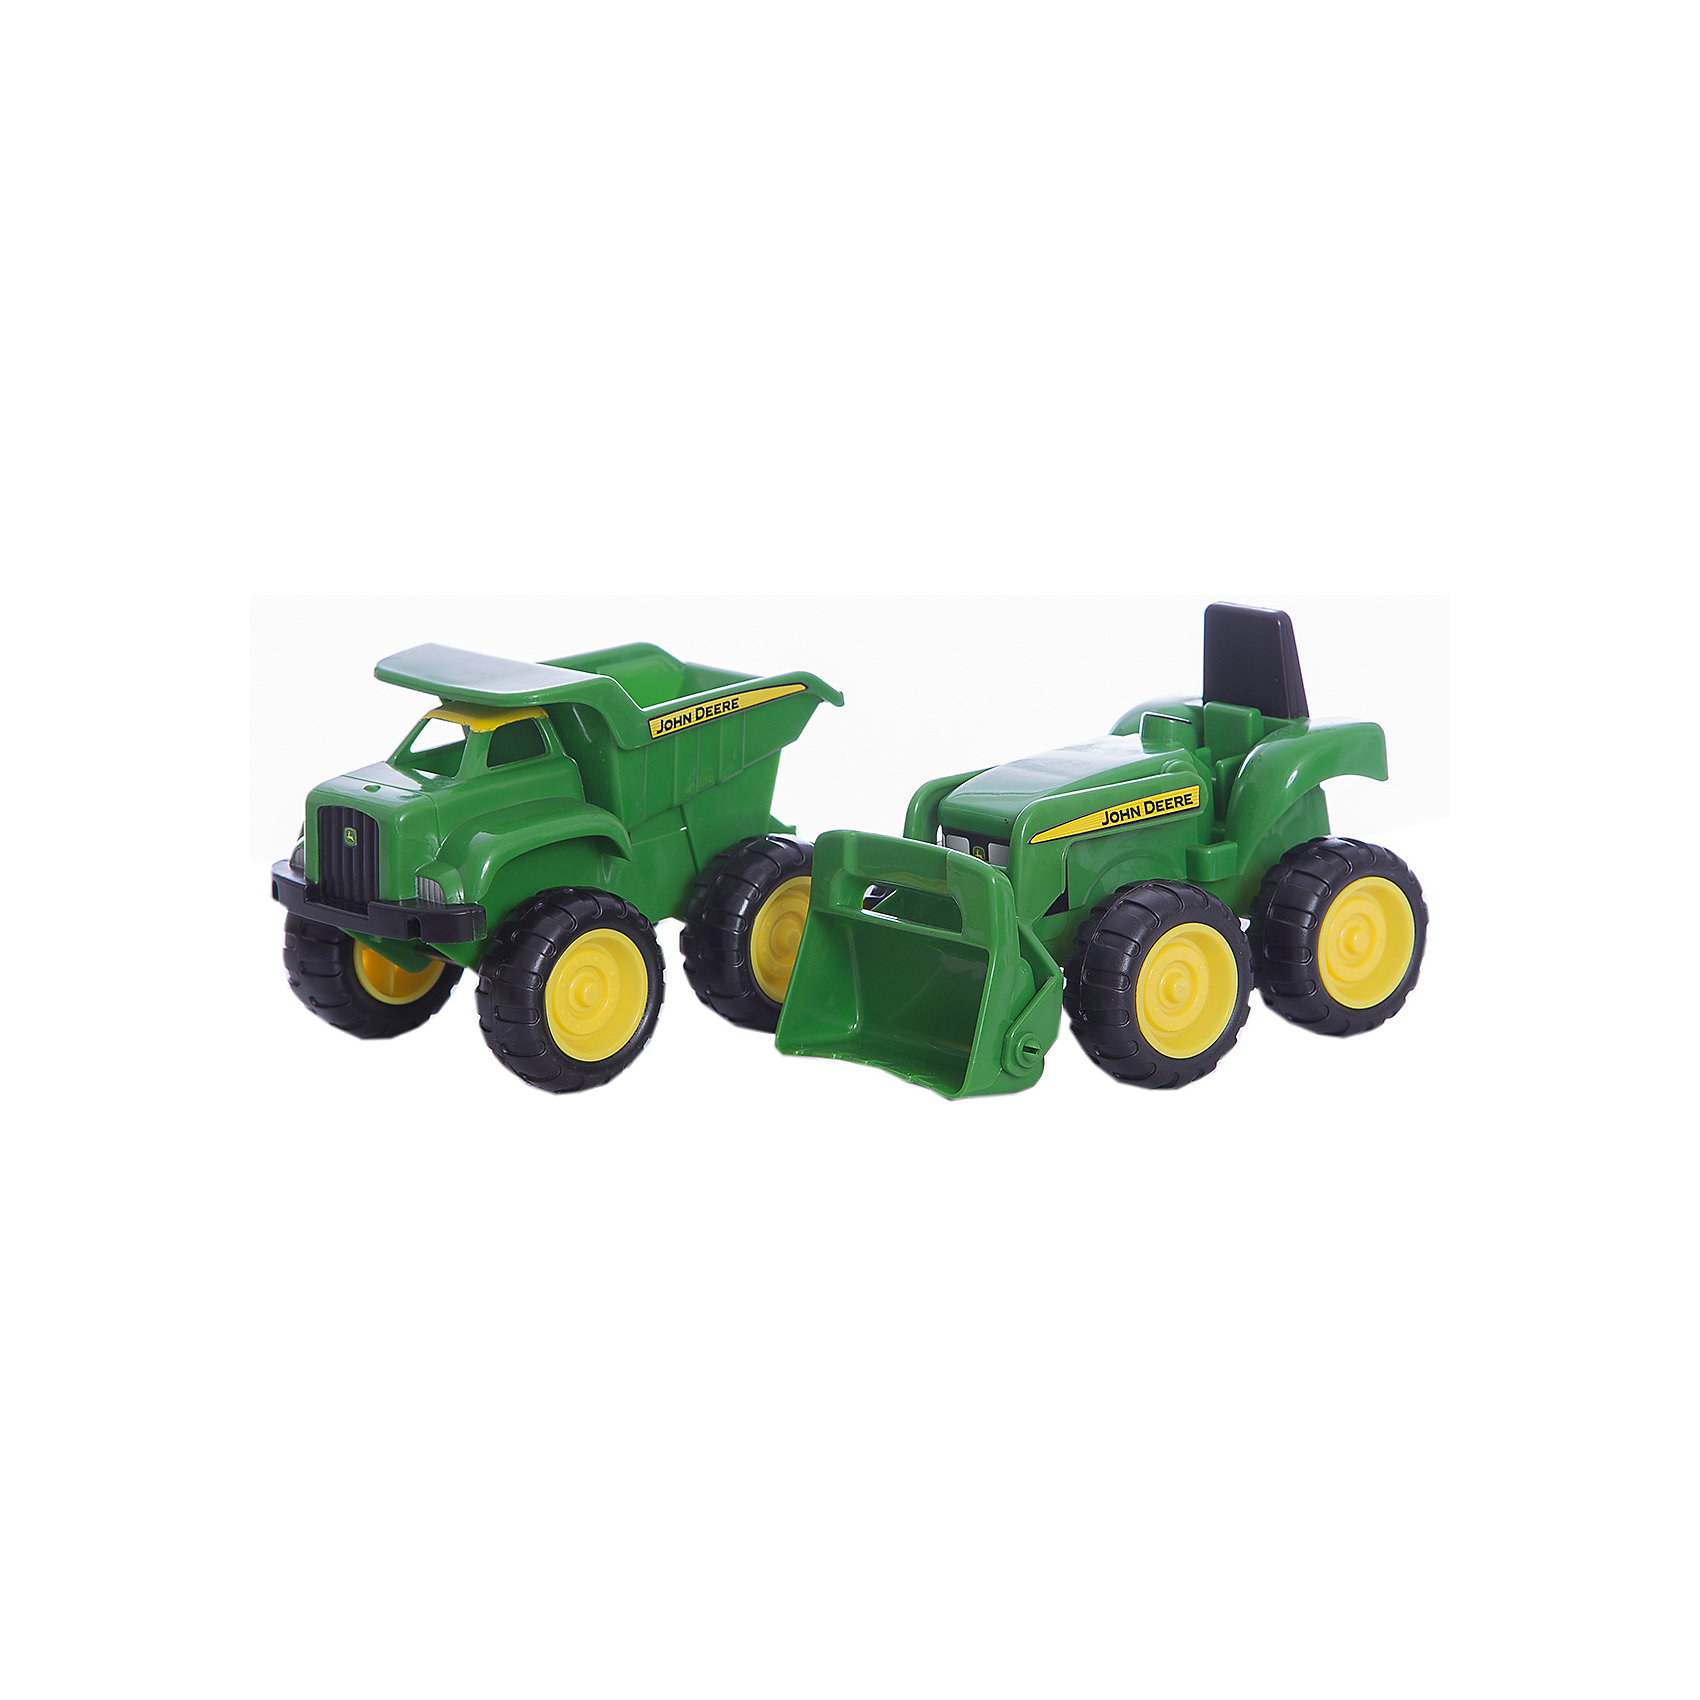 TOMY Набор для песочницы Трактор и самосвал John Deere, TOMY машины tomy трактор john deere monster treads с большими резиновыми колесами